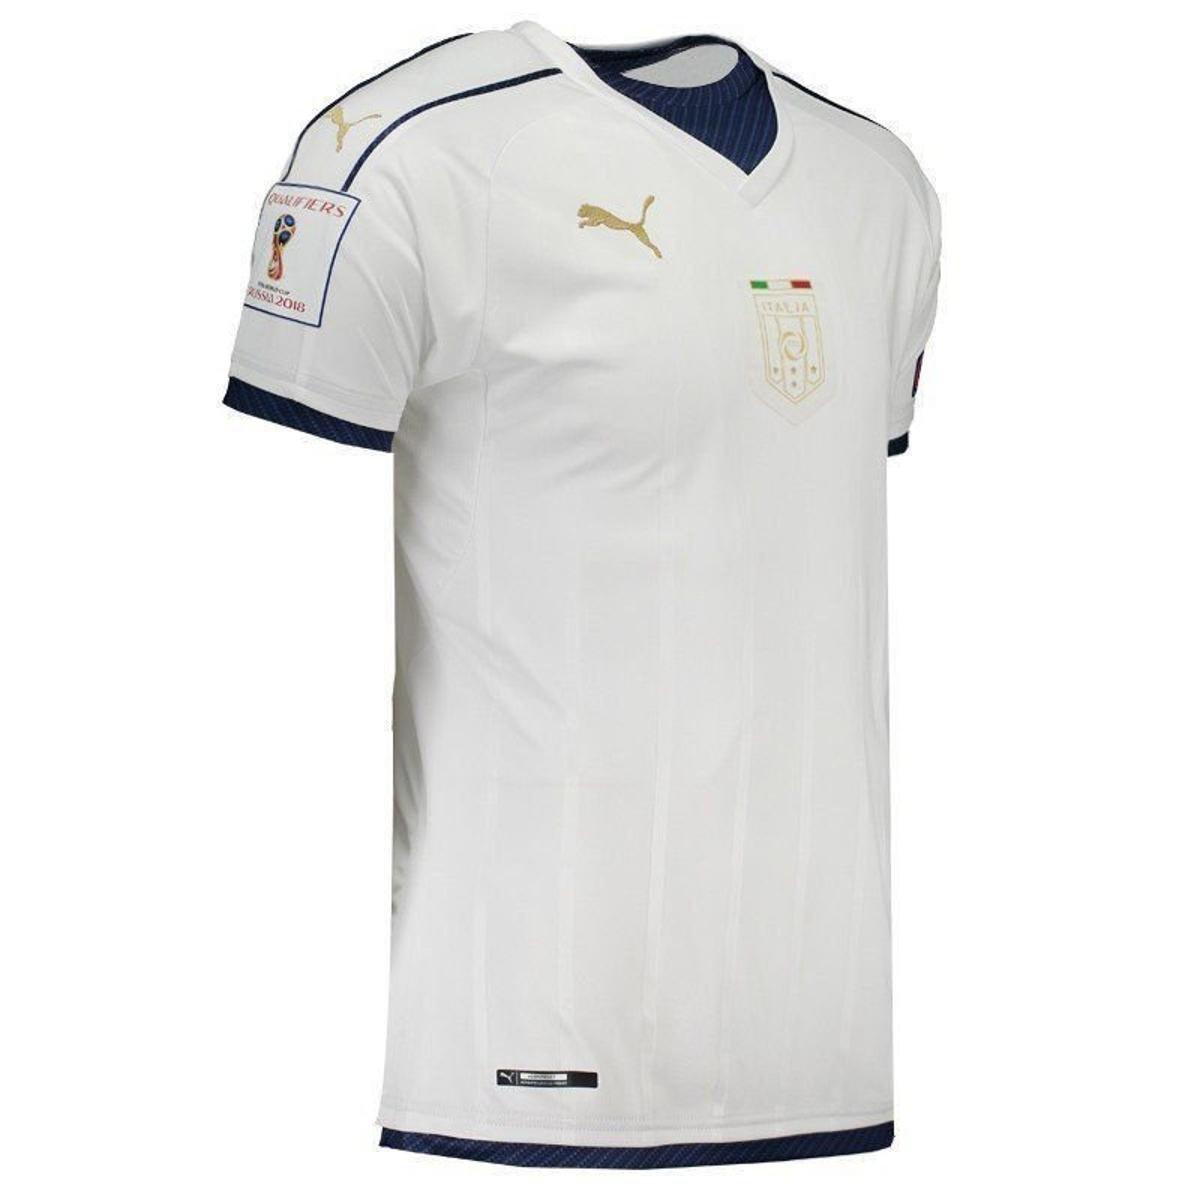 a8c22da441 ... Camisa Puma Itália Away 2017 Tributo Eliminatórias 2018 Masculina ...